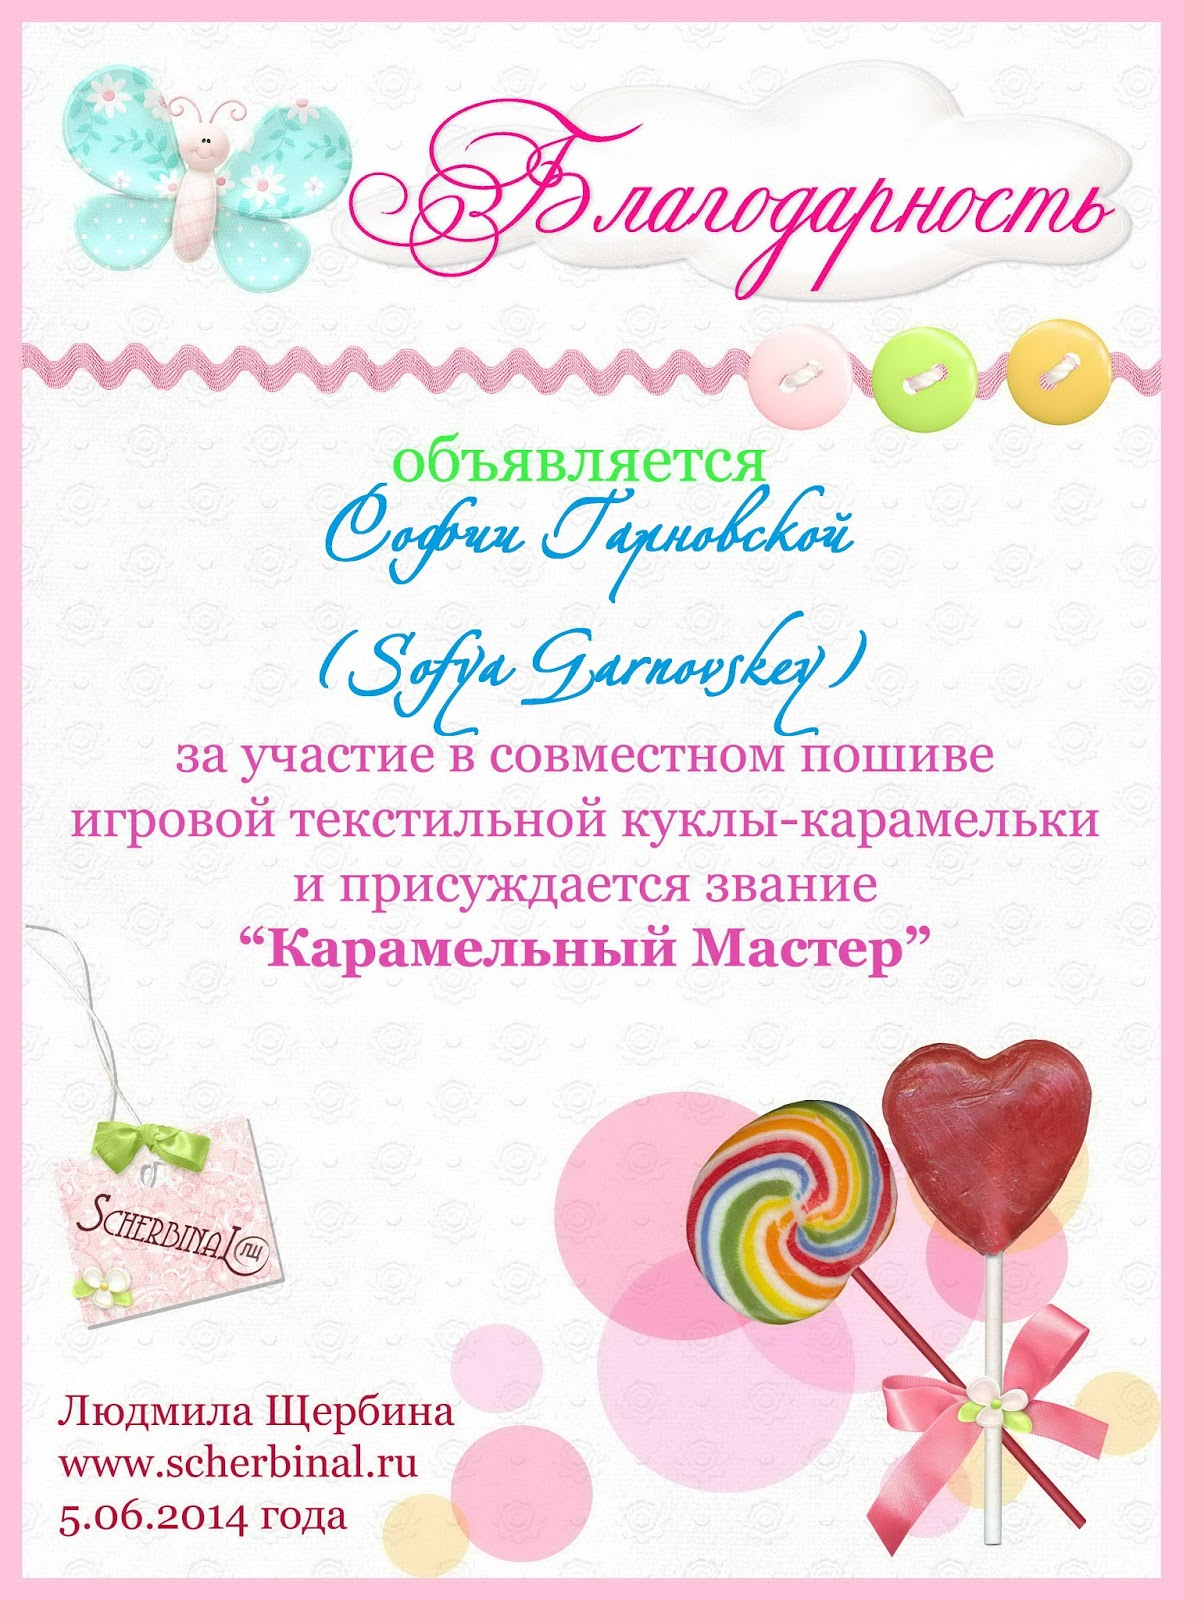 диплом Карамельный мастер